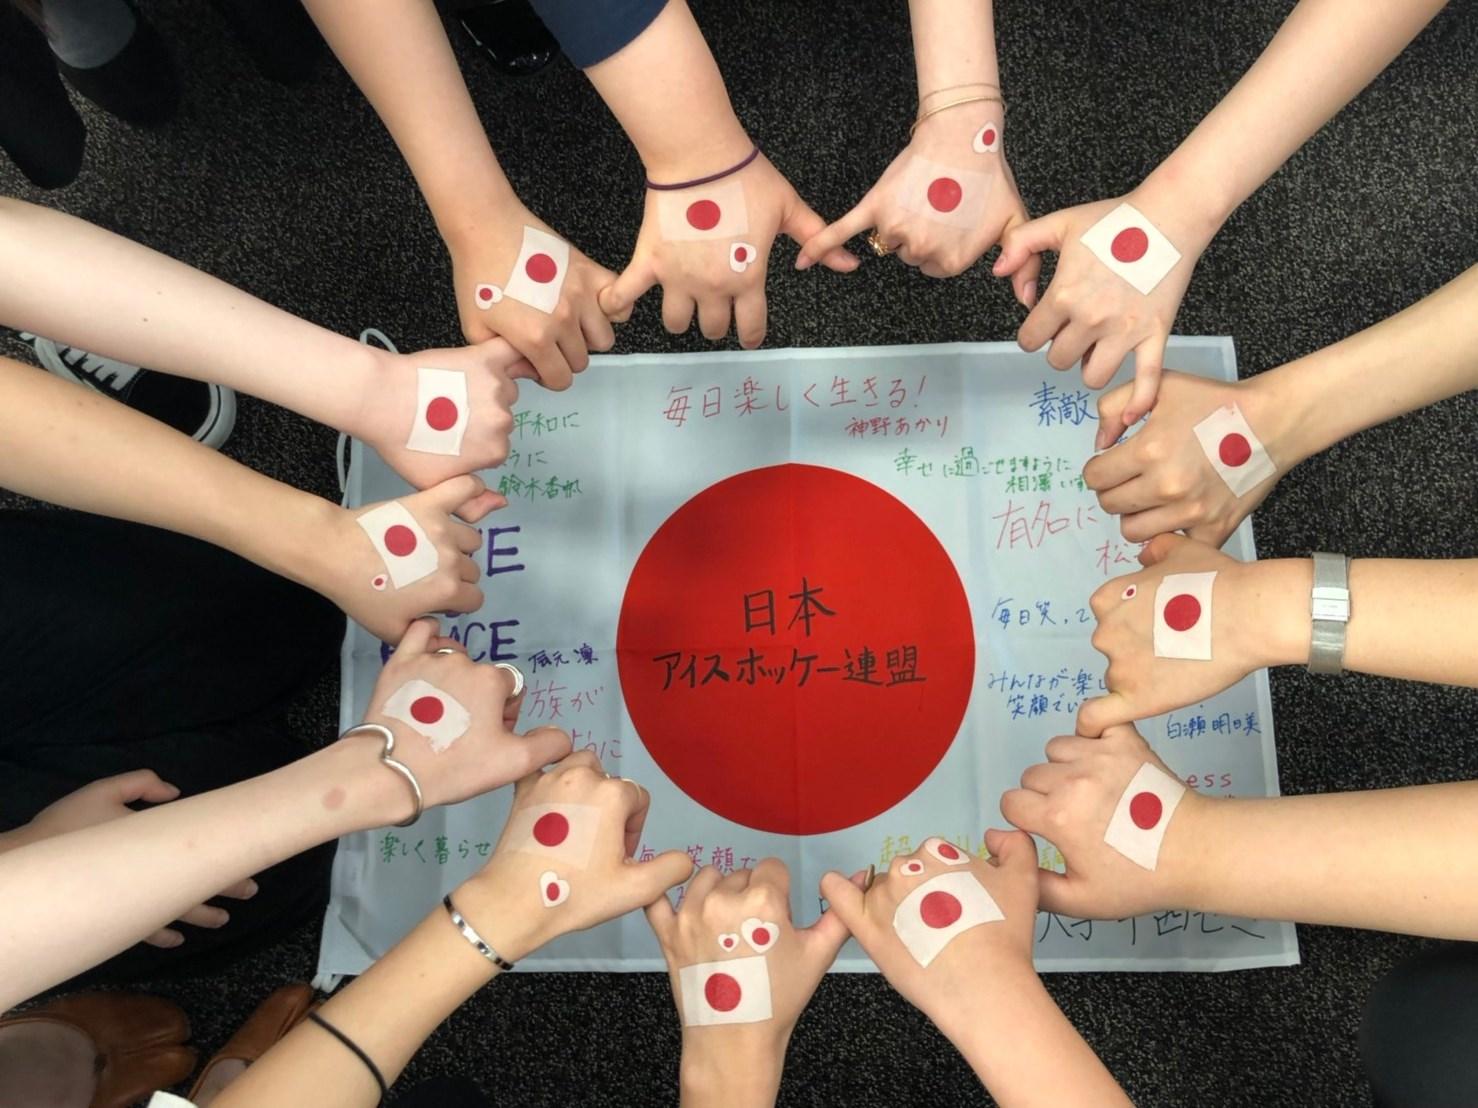 アイホプロジェクト日の丸と手の写真1